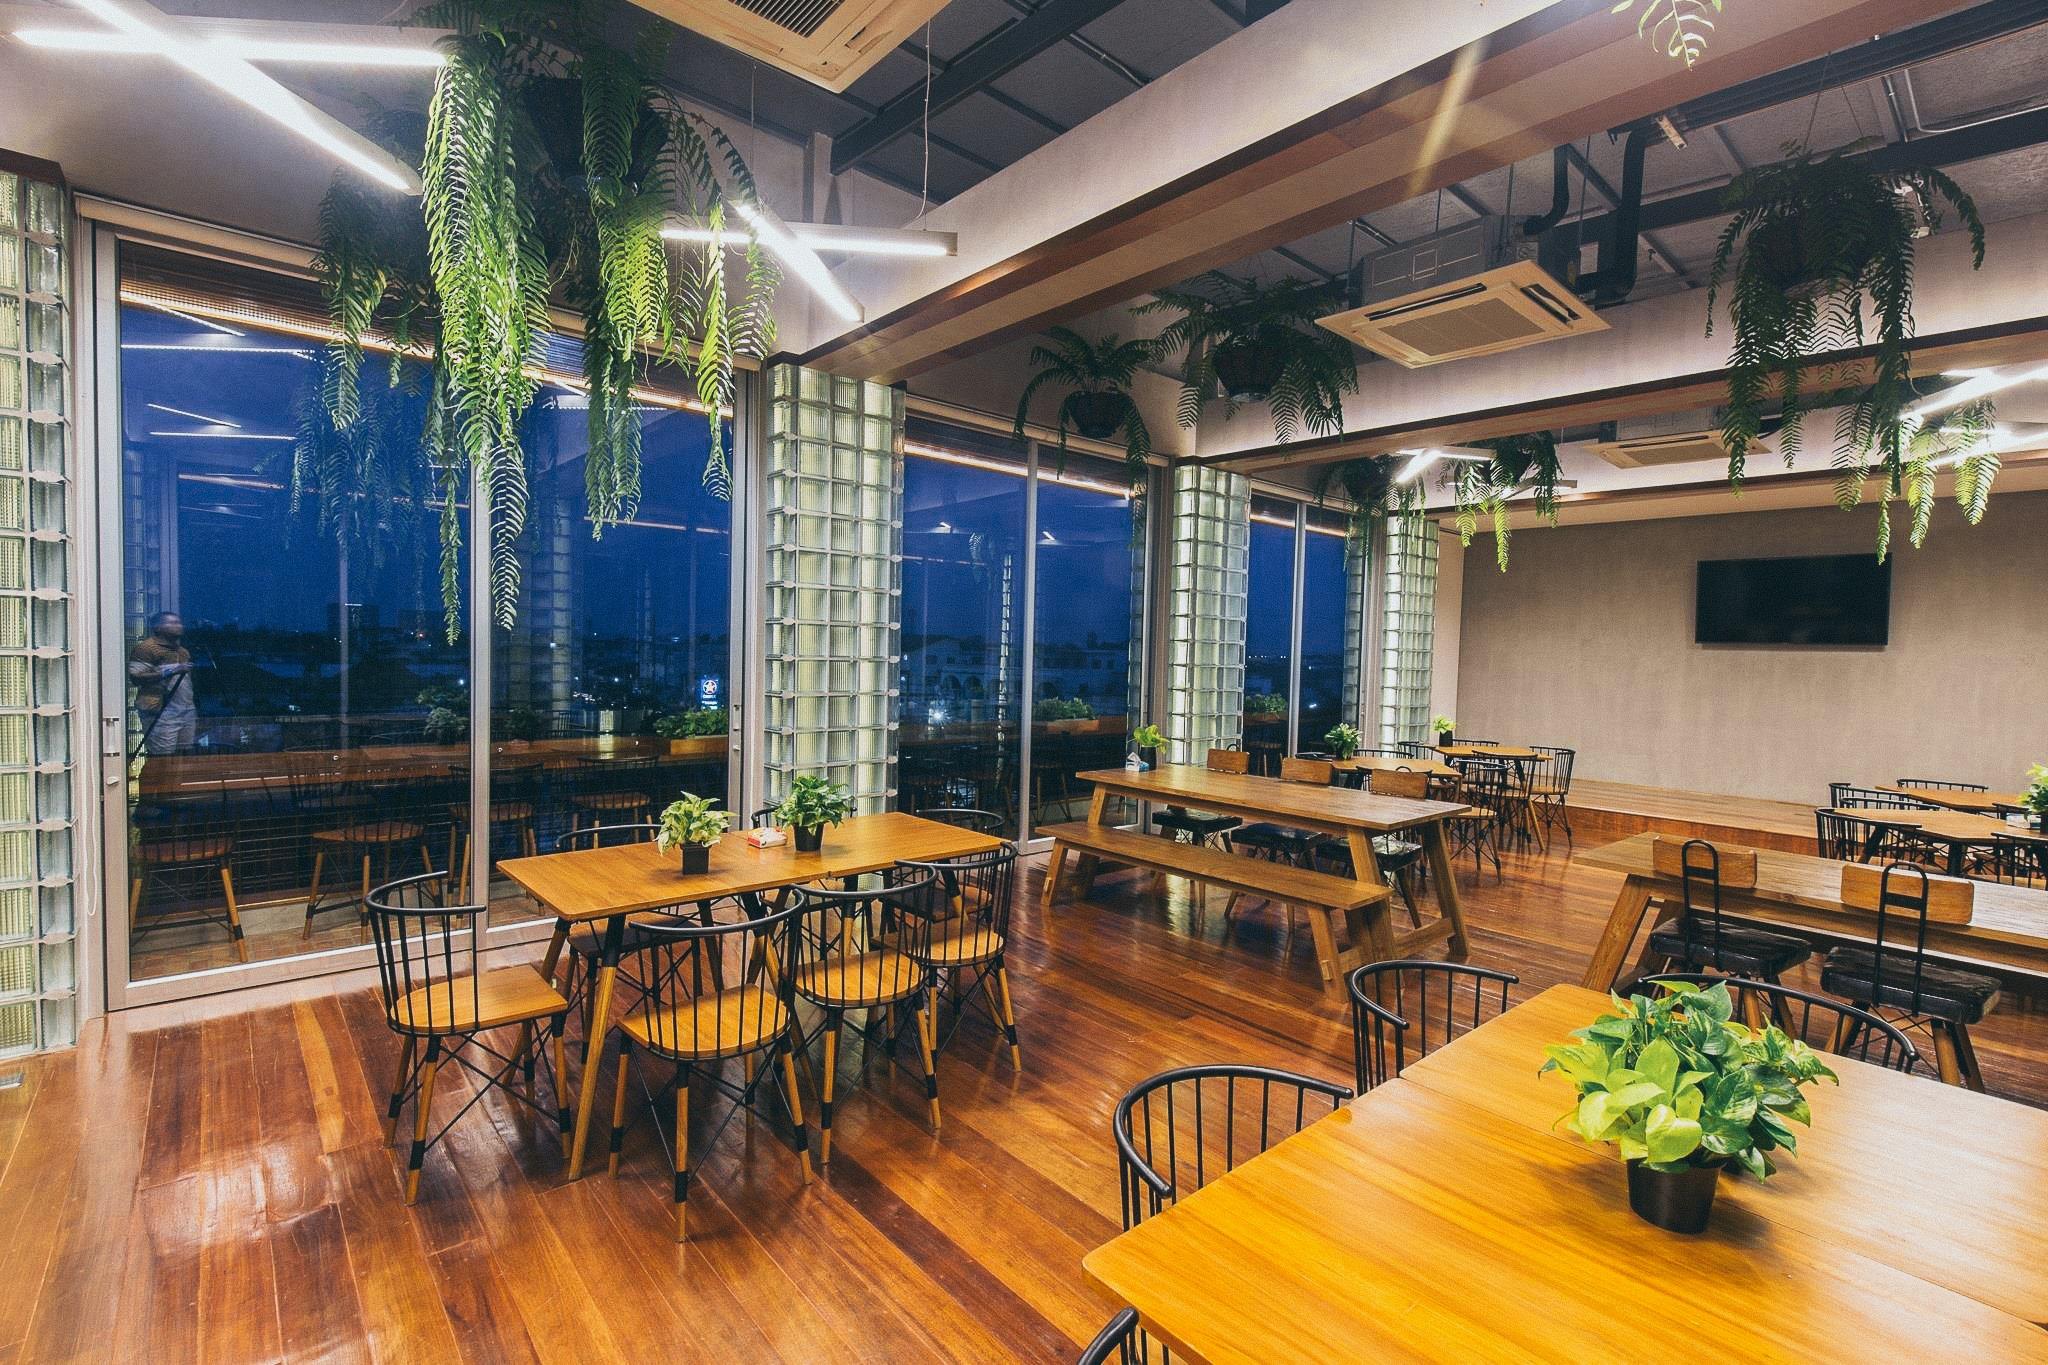 สถาปัตยกรรมร่วมสมัย,อำเภอเมือง,นครศรีธรรมราช,rooftop,การออกแบบ,ที่พัก,โรงแรม